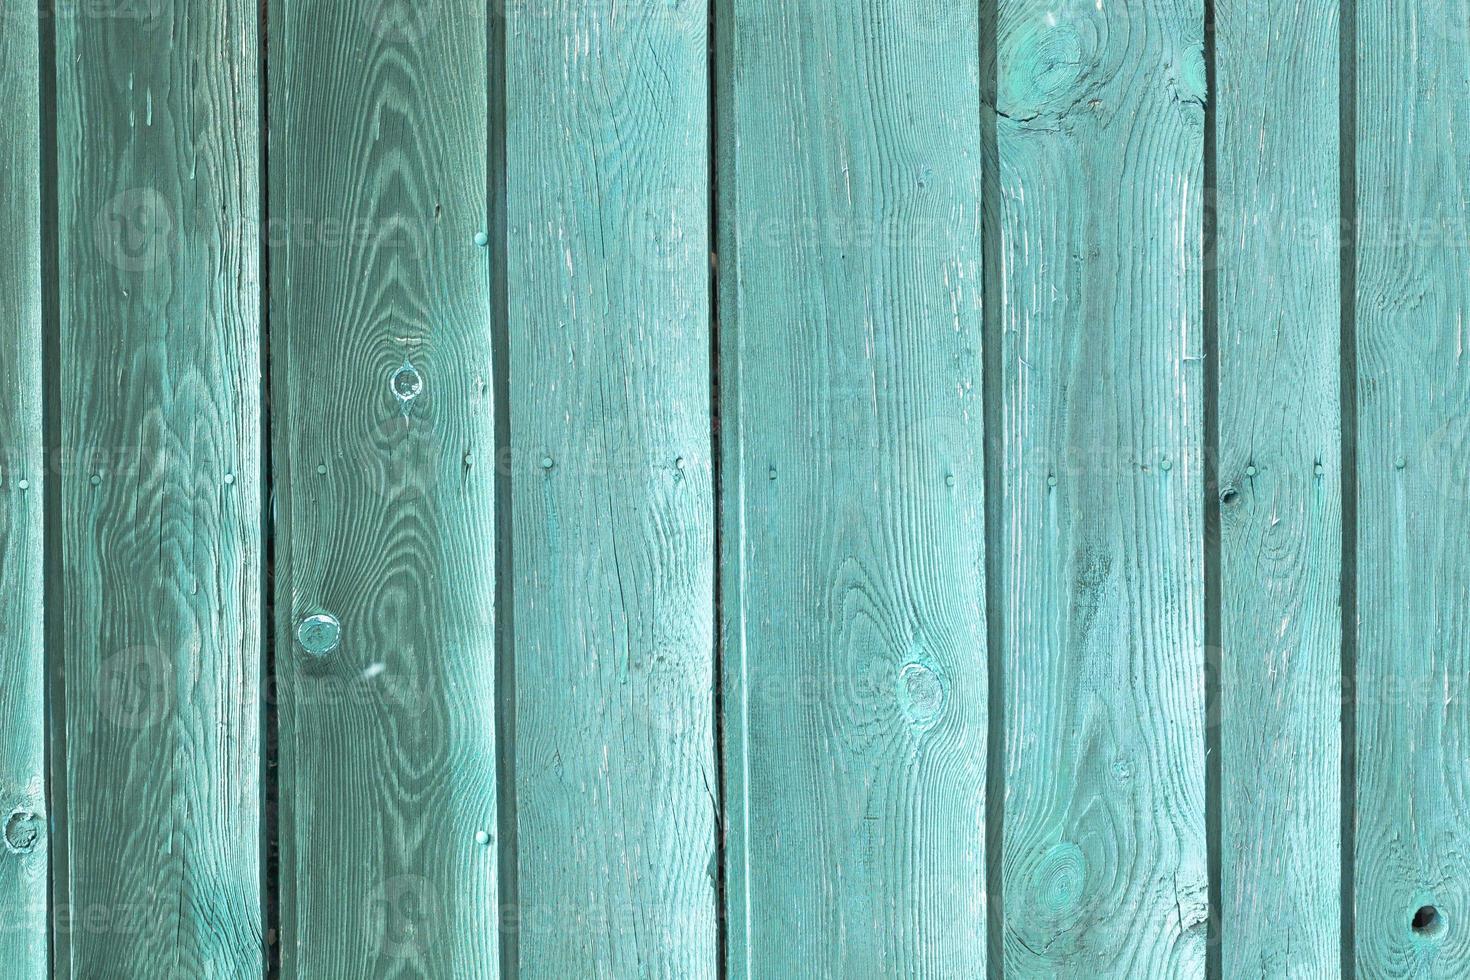 die blaue Holzstruktur mit natürlichen Mustern foto